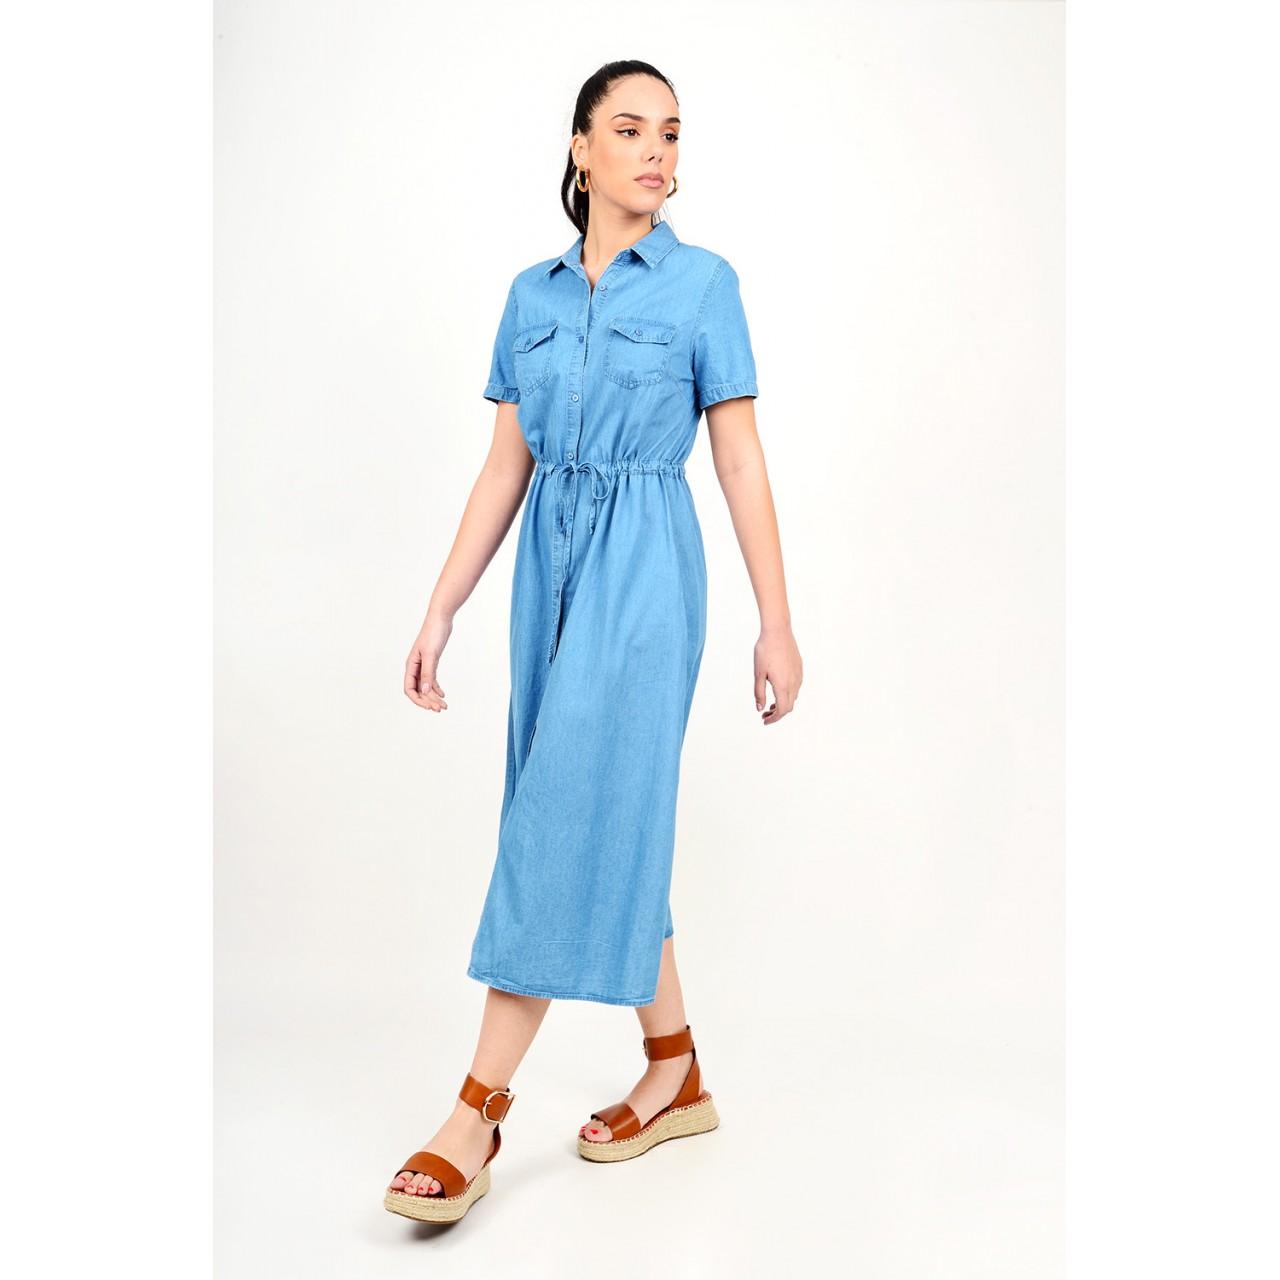 229.Φόρεμα μίντι τζιν με τσέπες σε άλφα γραμμή